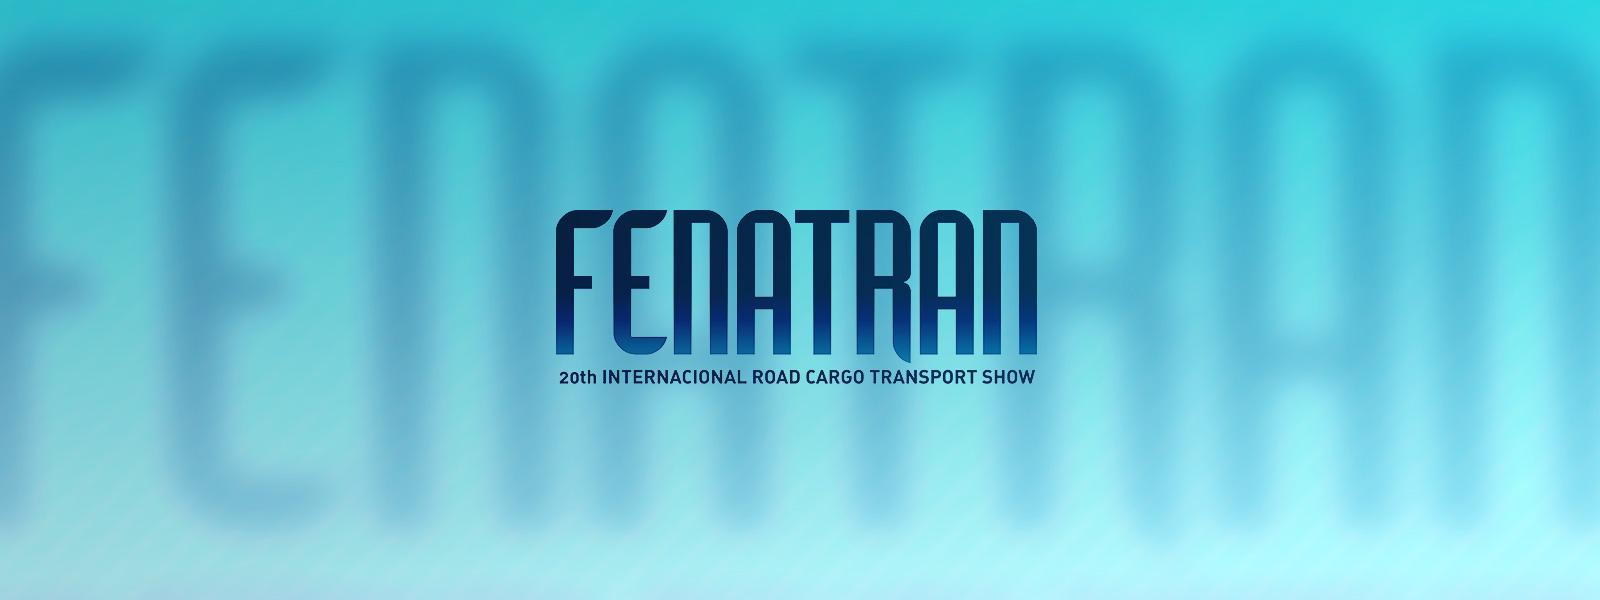 Saiba como foi a FENATRAN 2015